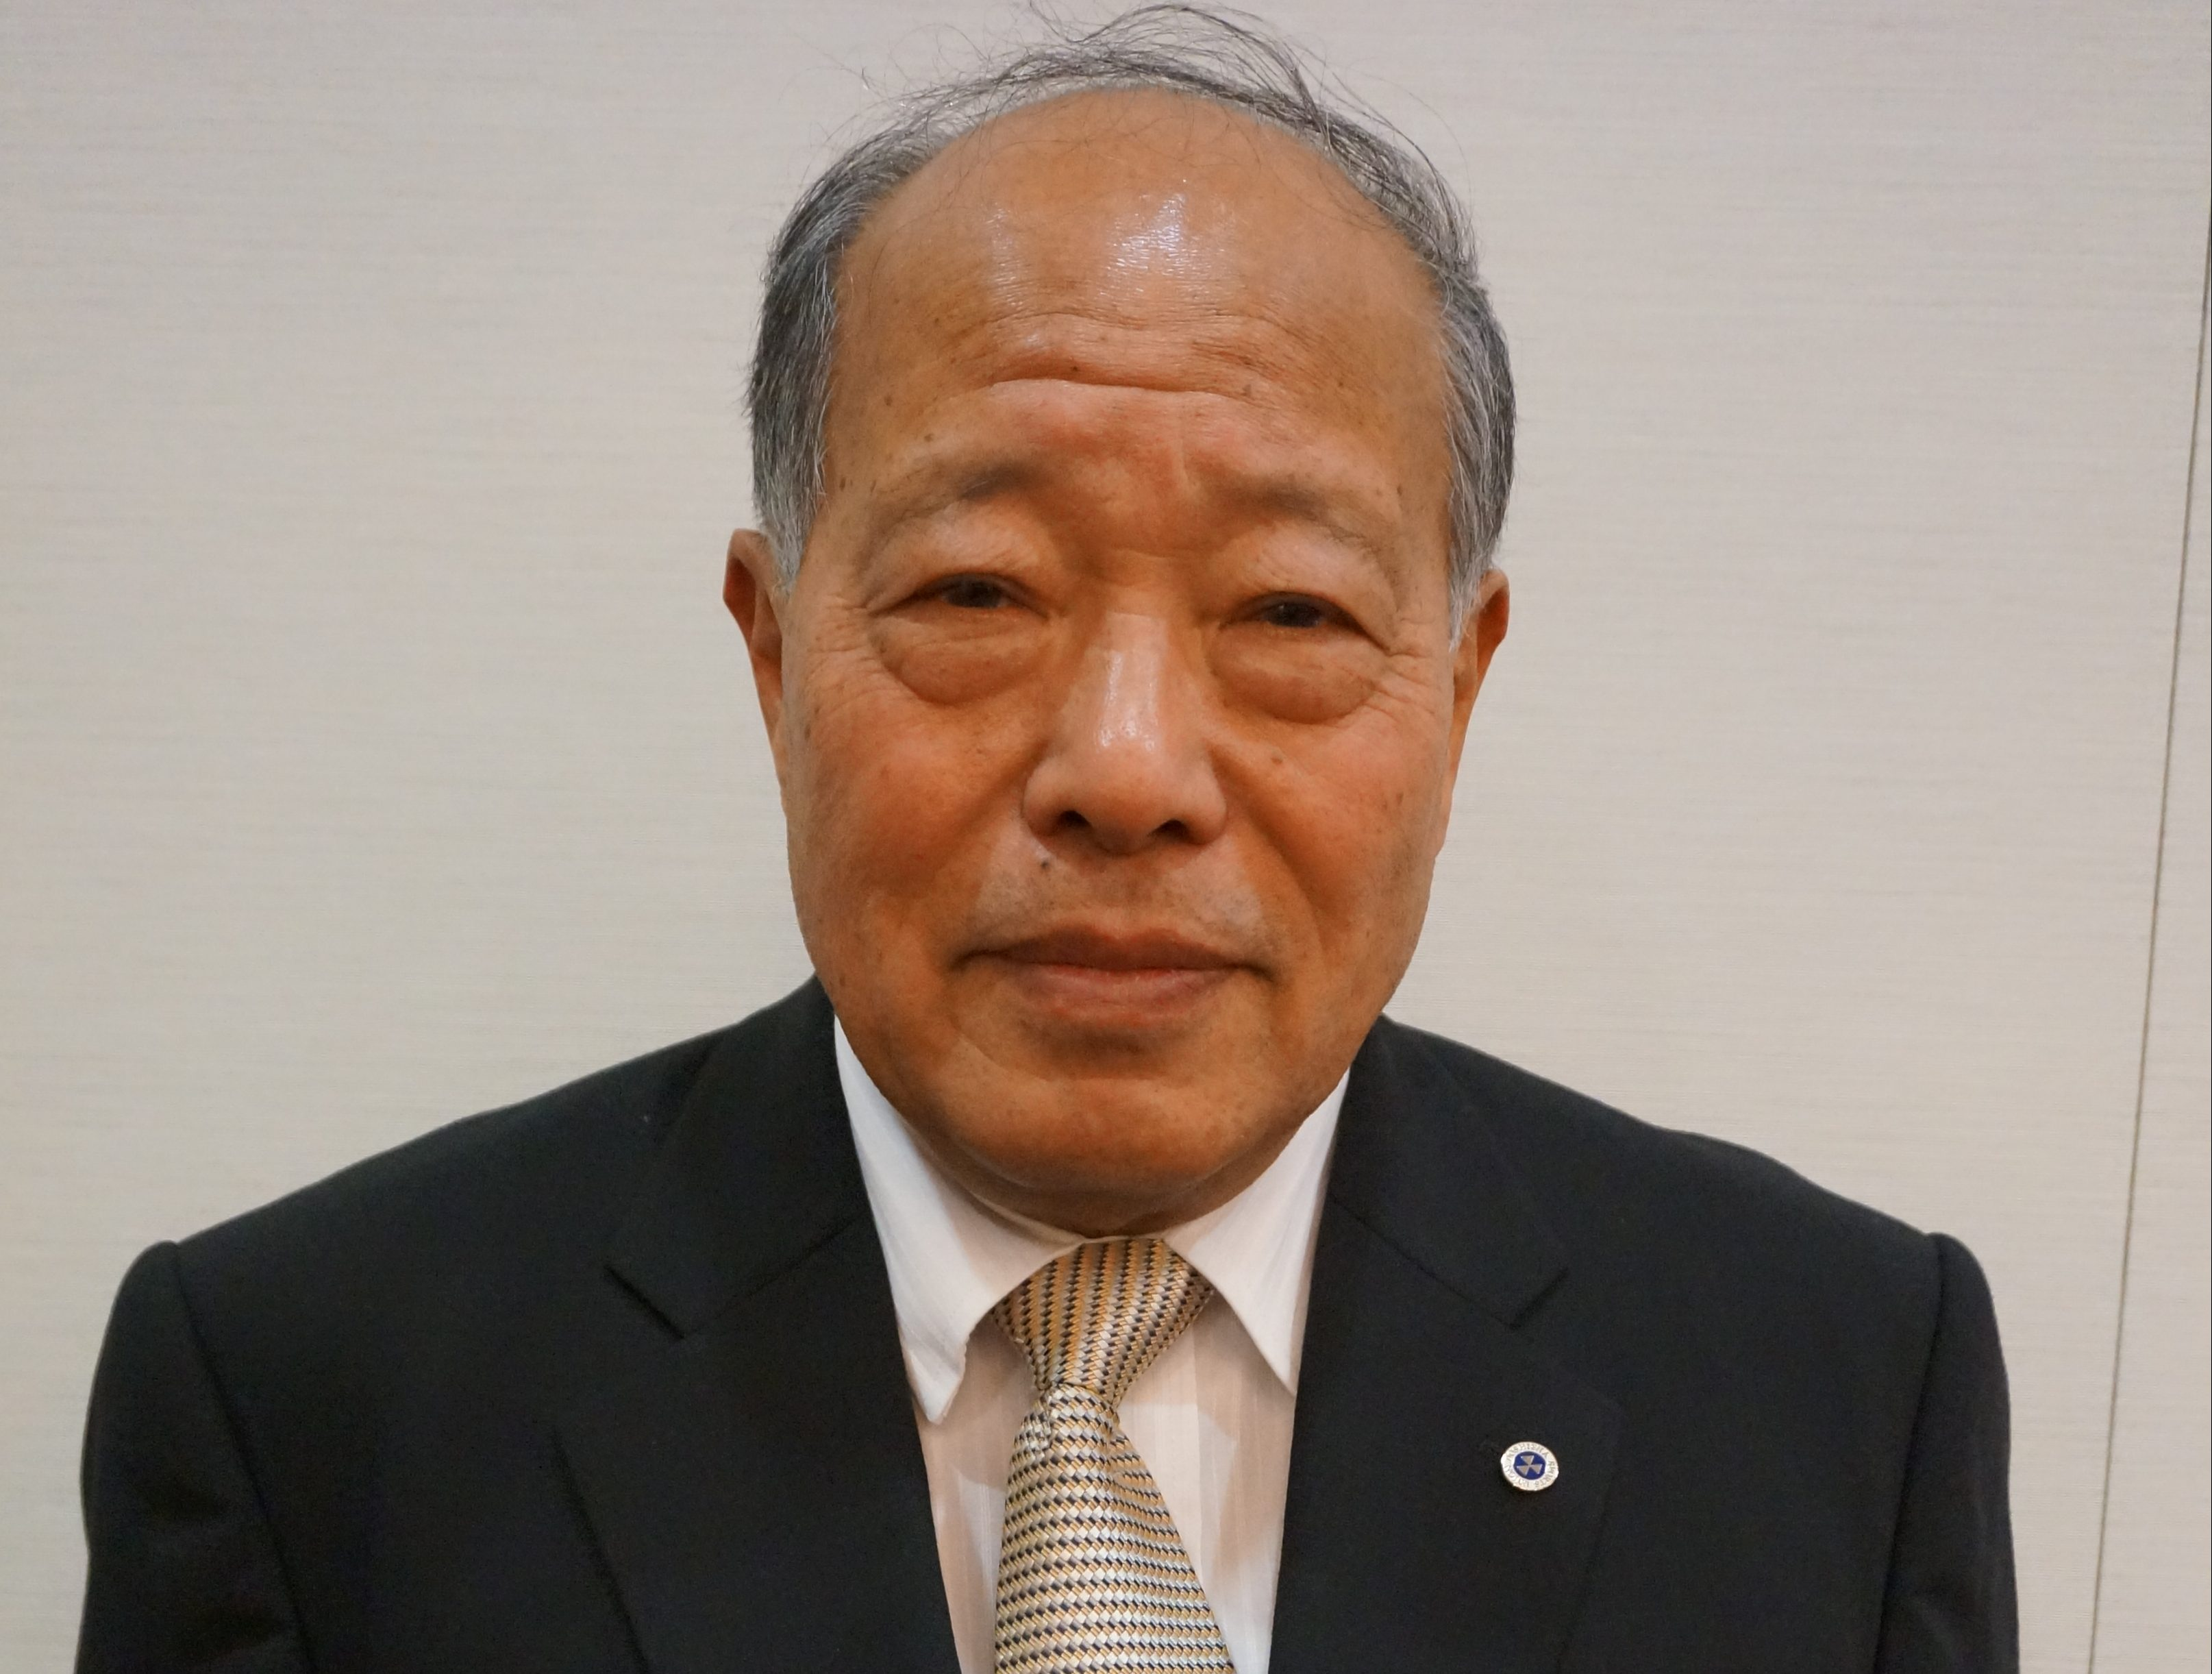 川端   達夫  (かわばた   たつお)